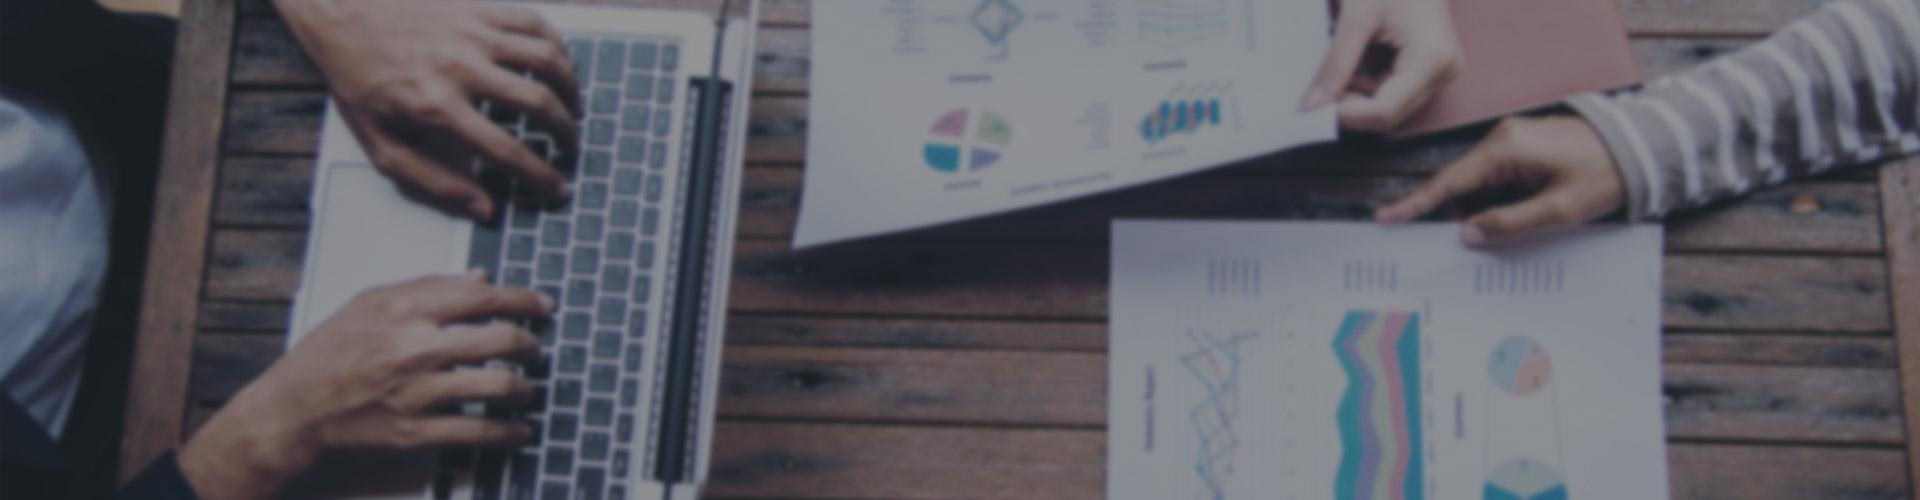 Banner cartão corporativo_campanha de incentivo e cartões de crédito